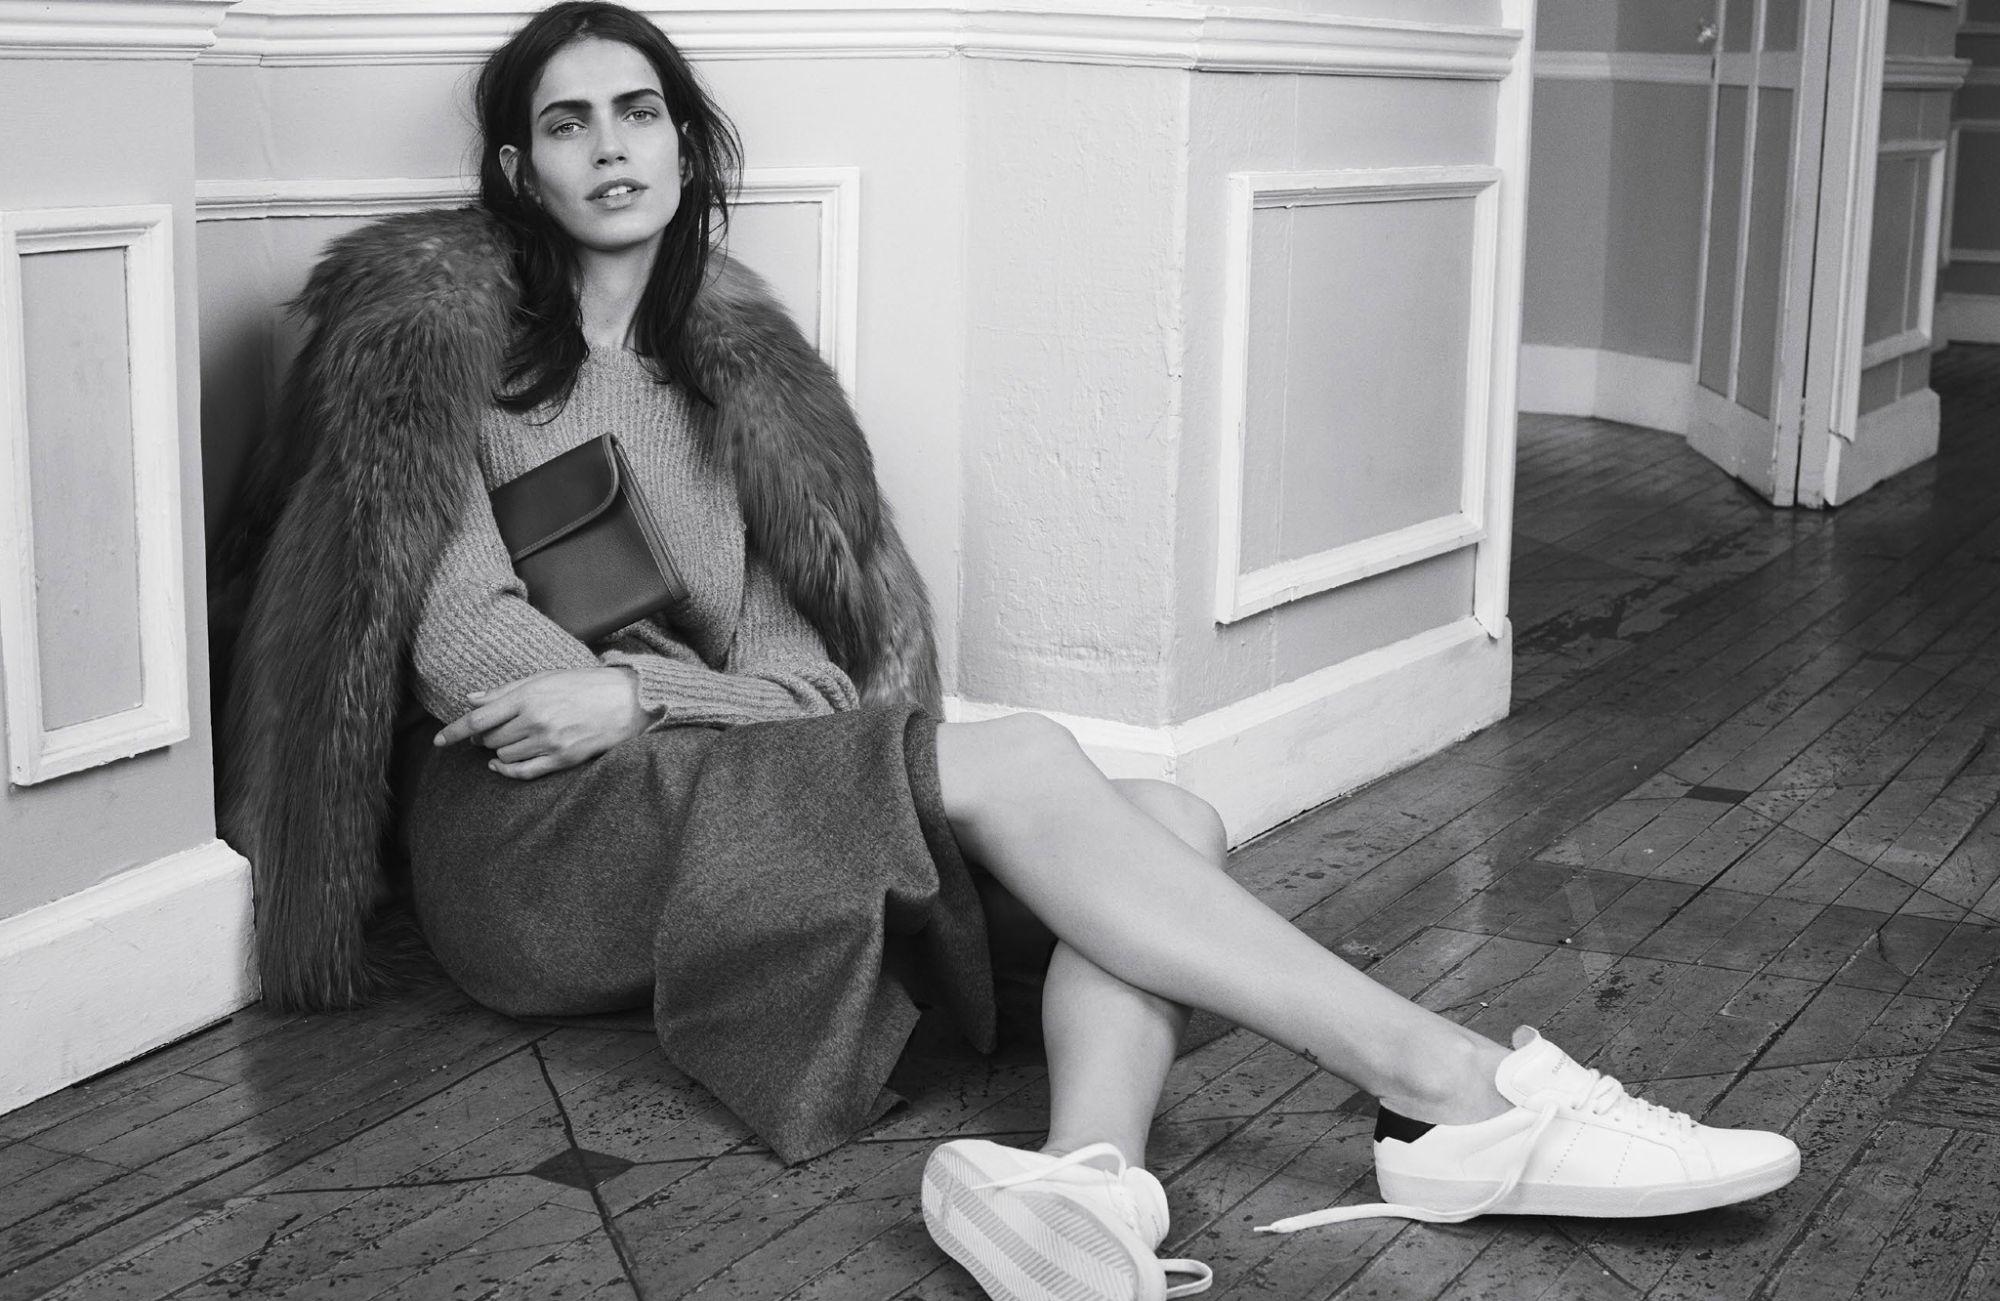 Amanda Wellsh by Benny Horne for Vogue Spain September 2014 4